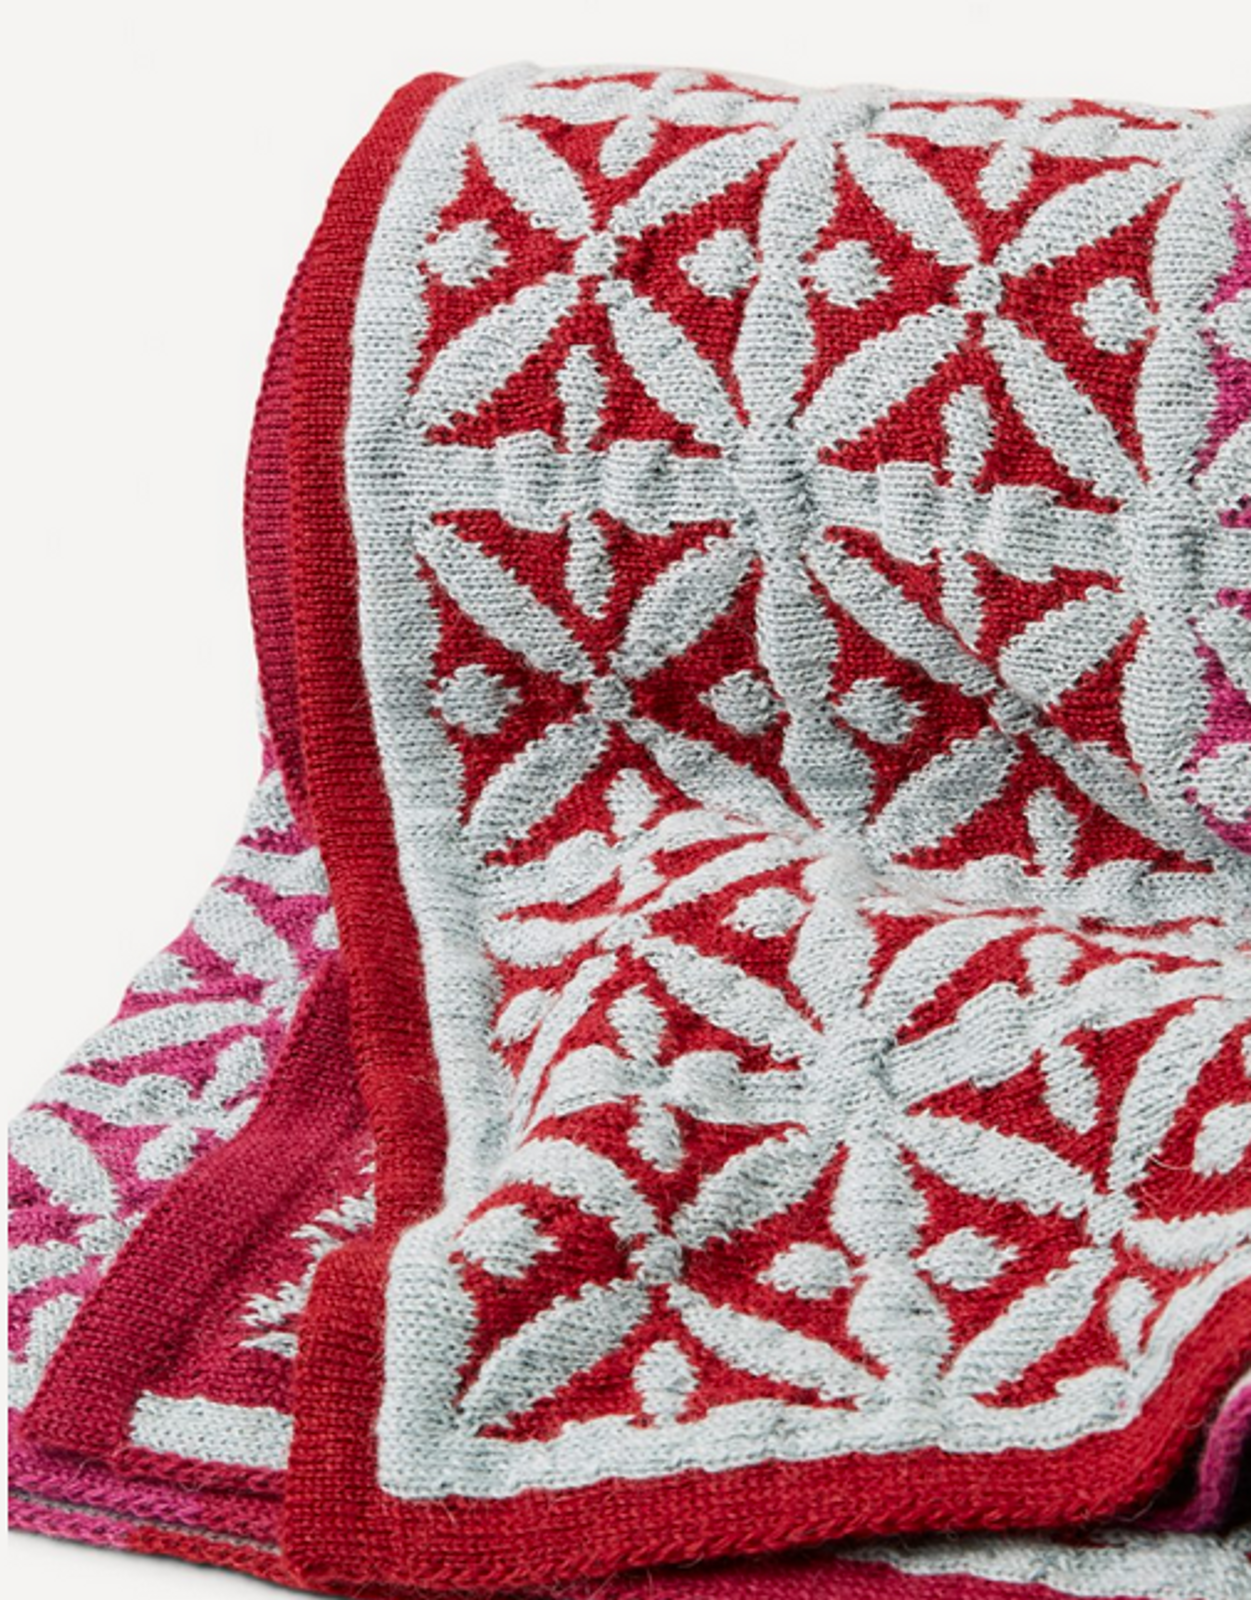 Agneta Oleana Knitted Blanket, 427K Cerise/Light Blue